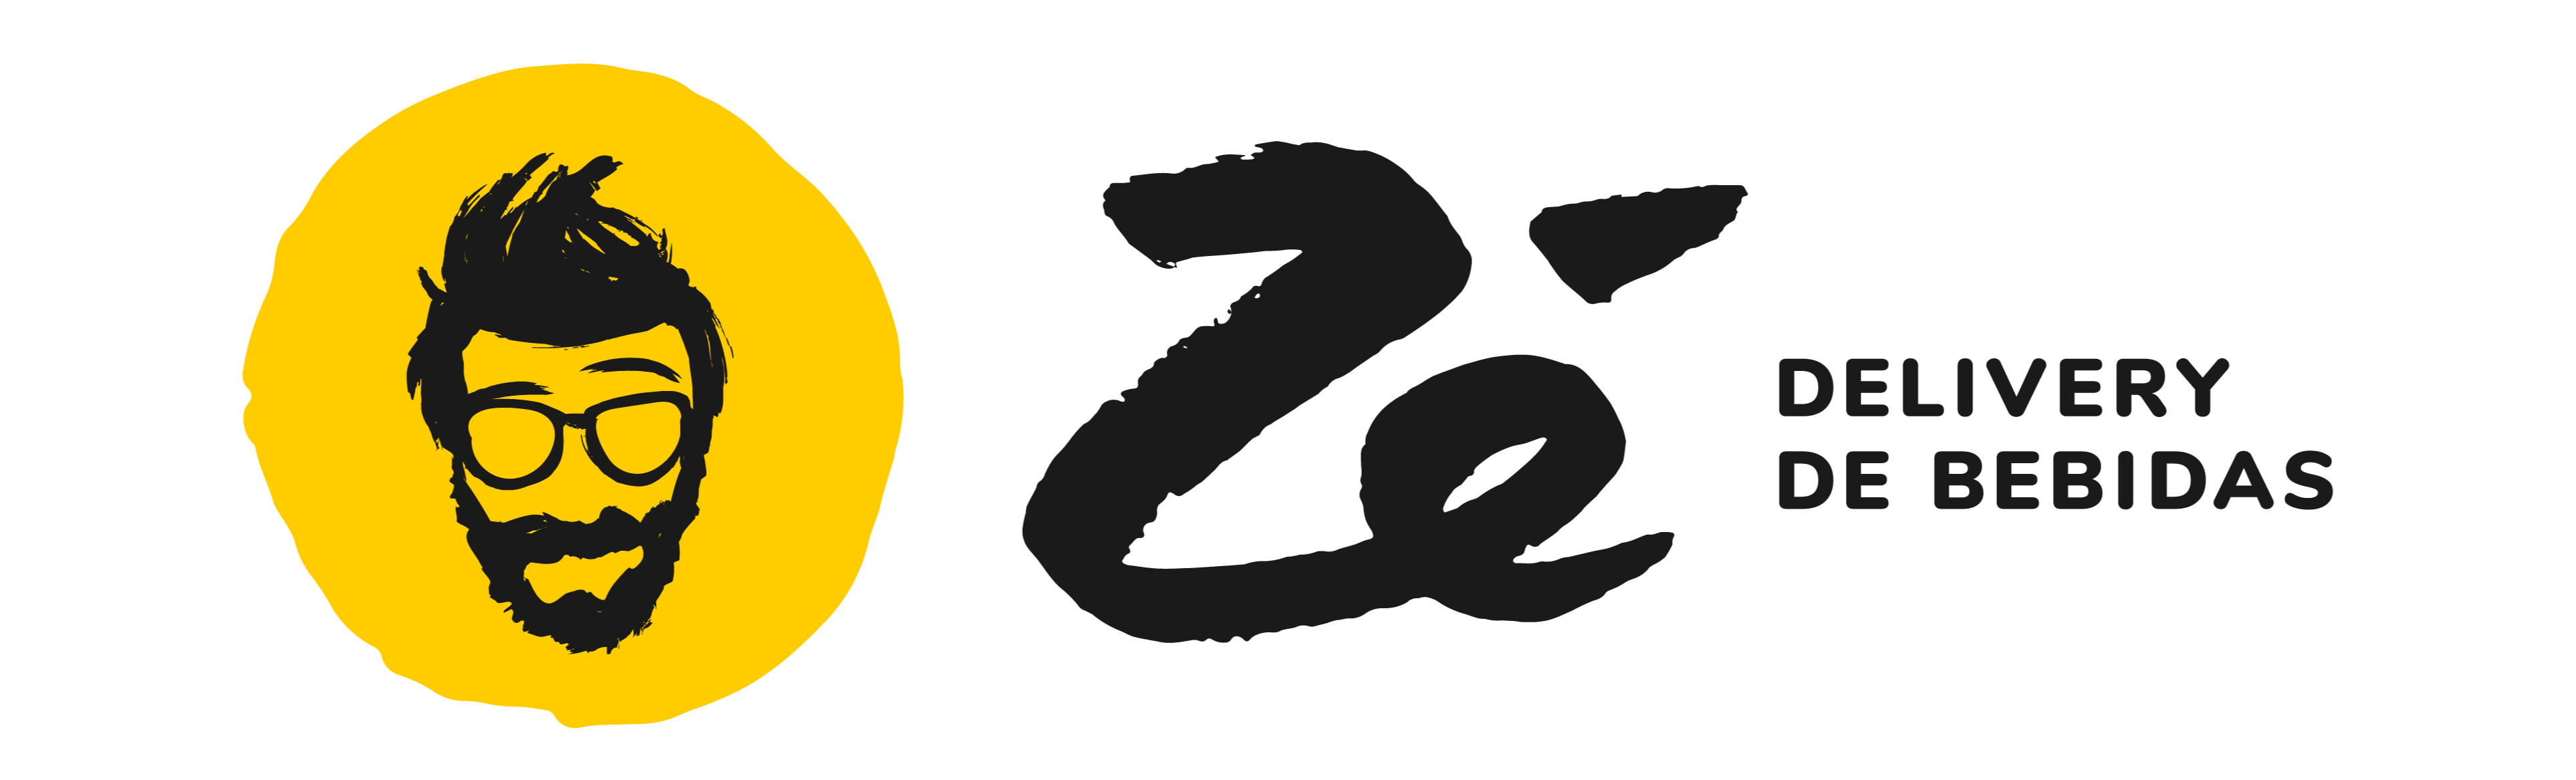 Coordenador de Operações -  Curitiba - PR  | Zé Delivery